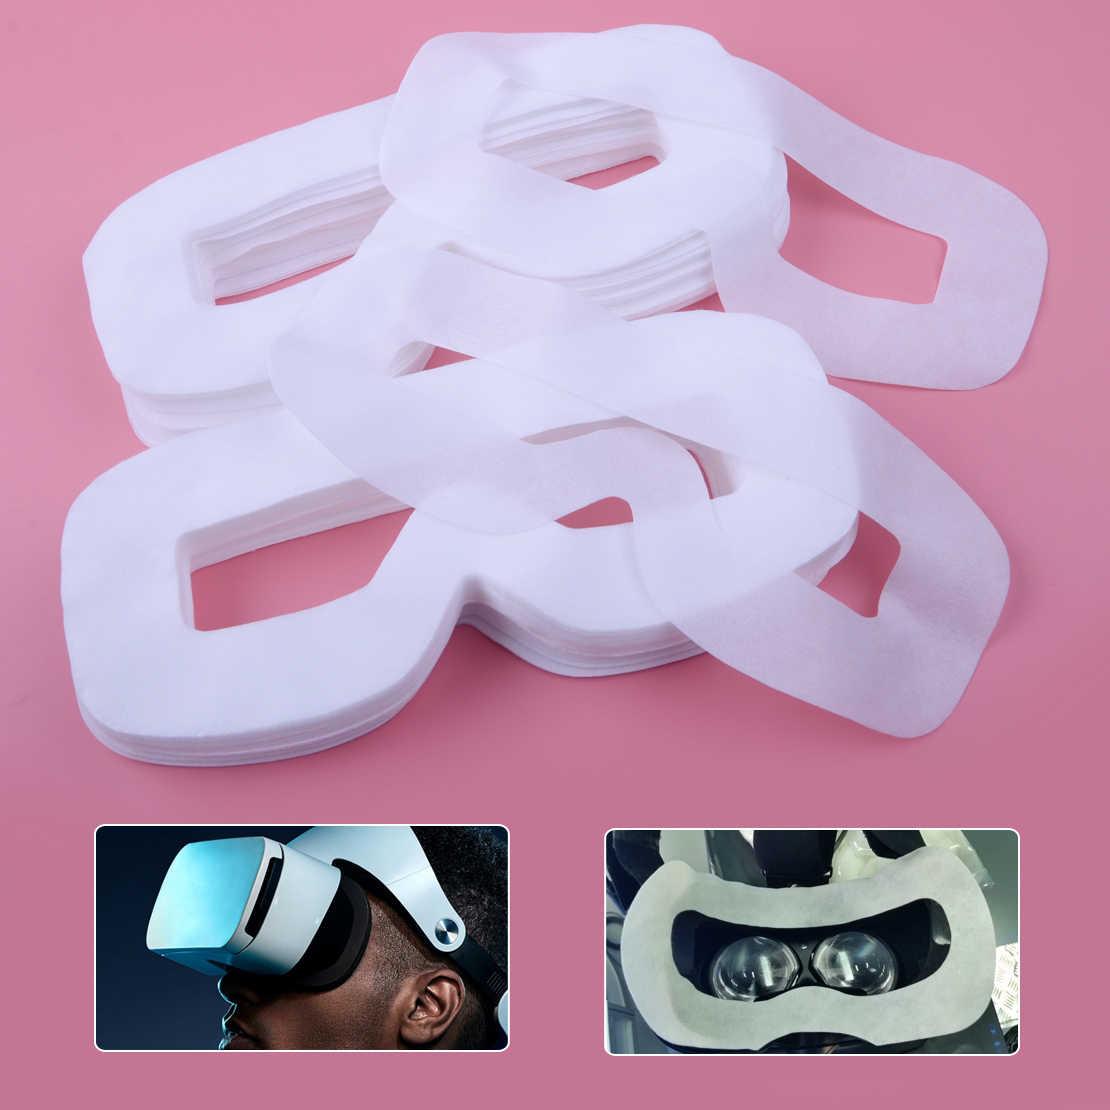 100 шт белый одноразовый гигиенический Маскарадная маска патч-крышки Нетканая ткань подходит для htc Vive PS VR oclus Glasse